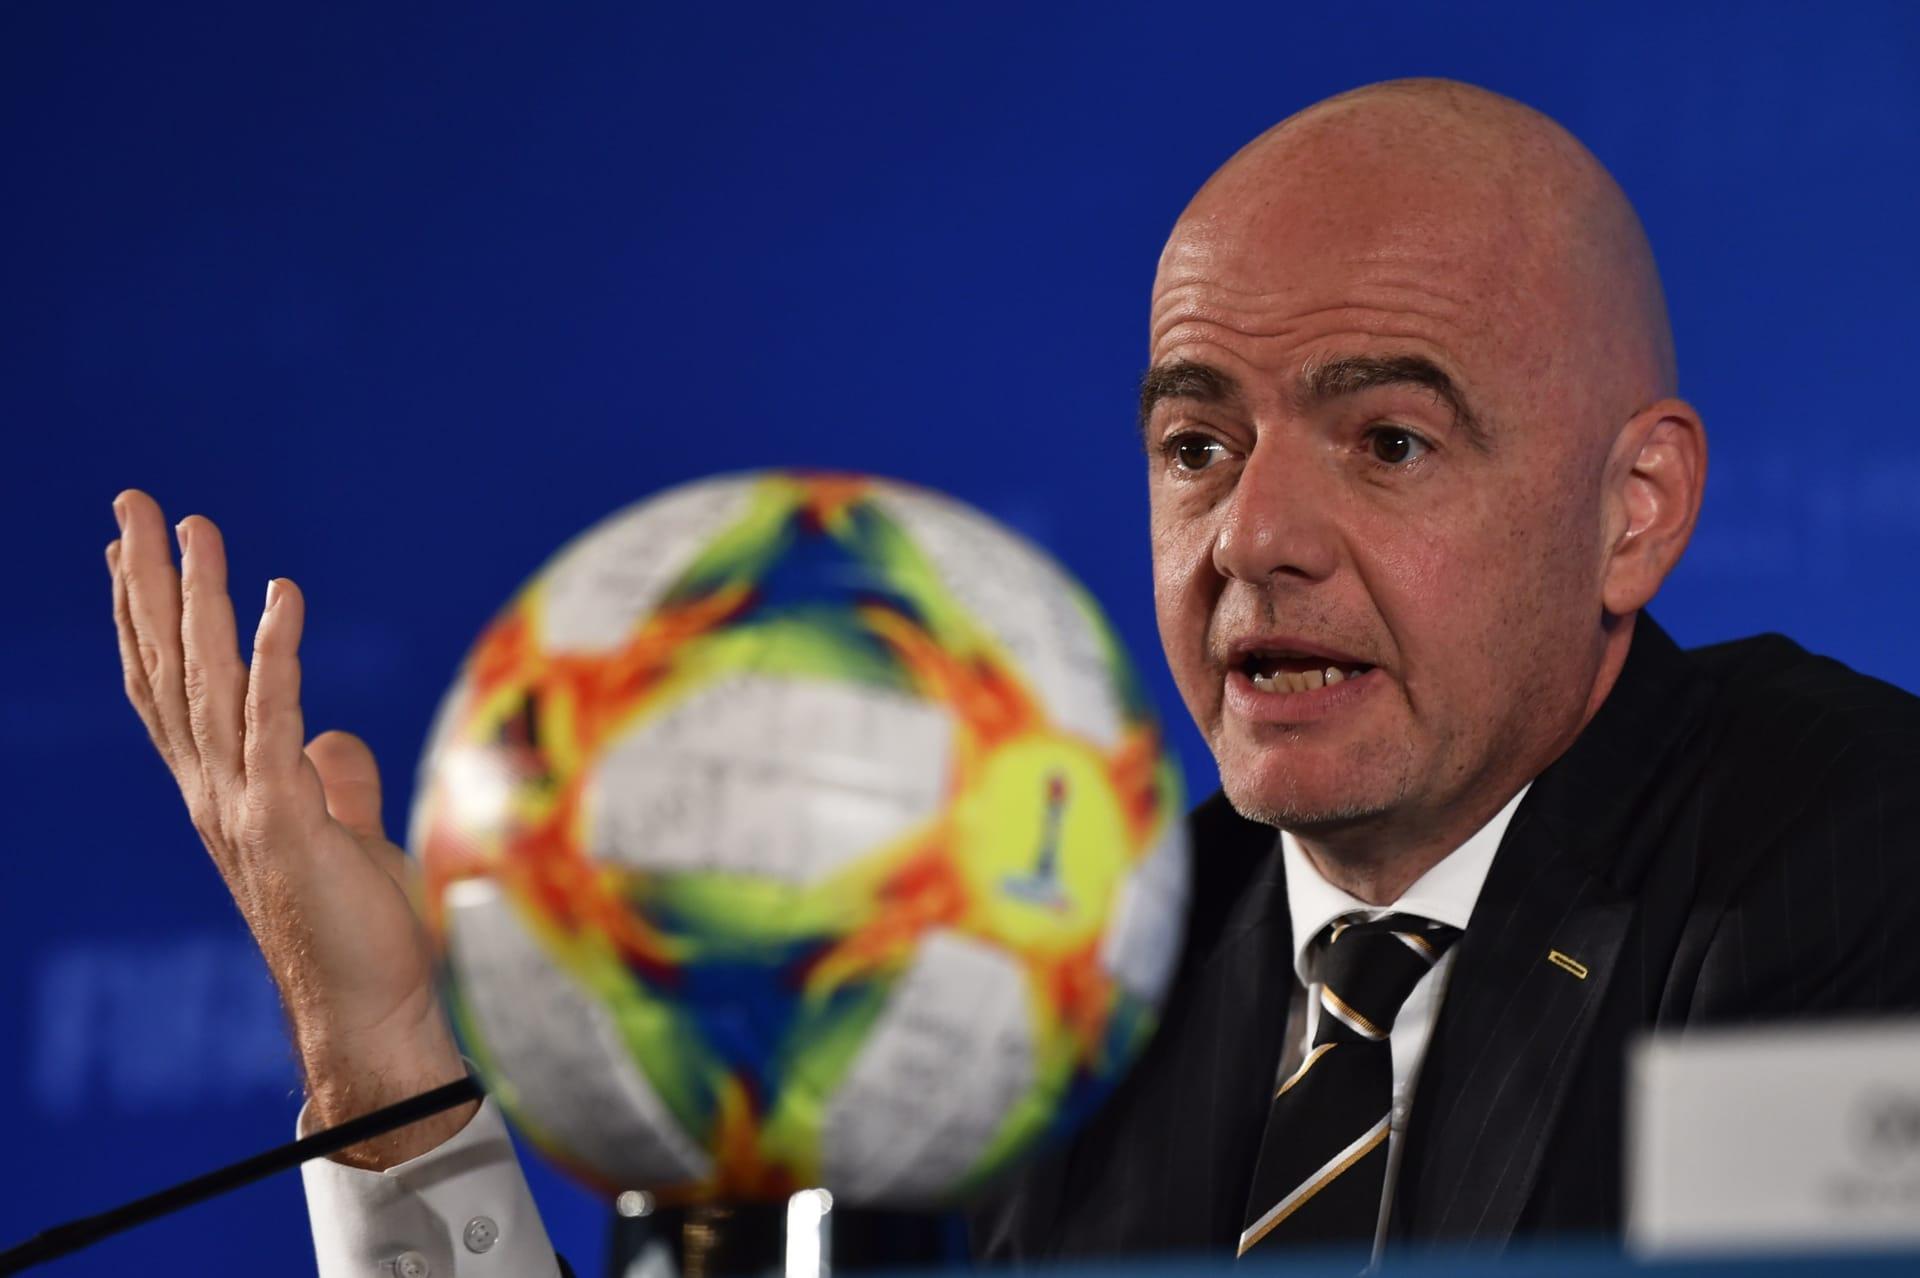 رئيس الاتحاد الدولي لكرة القدم فيفا جياني إنفانتينو